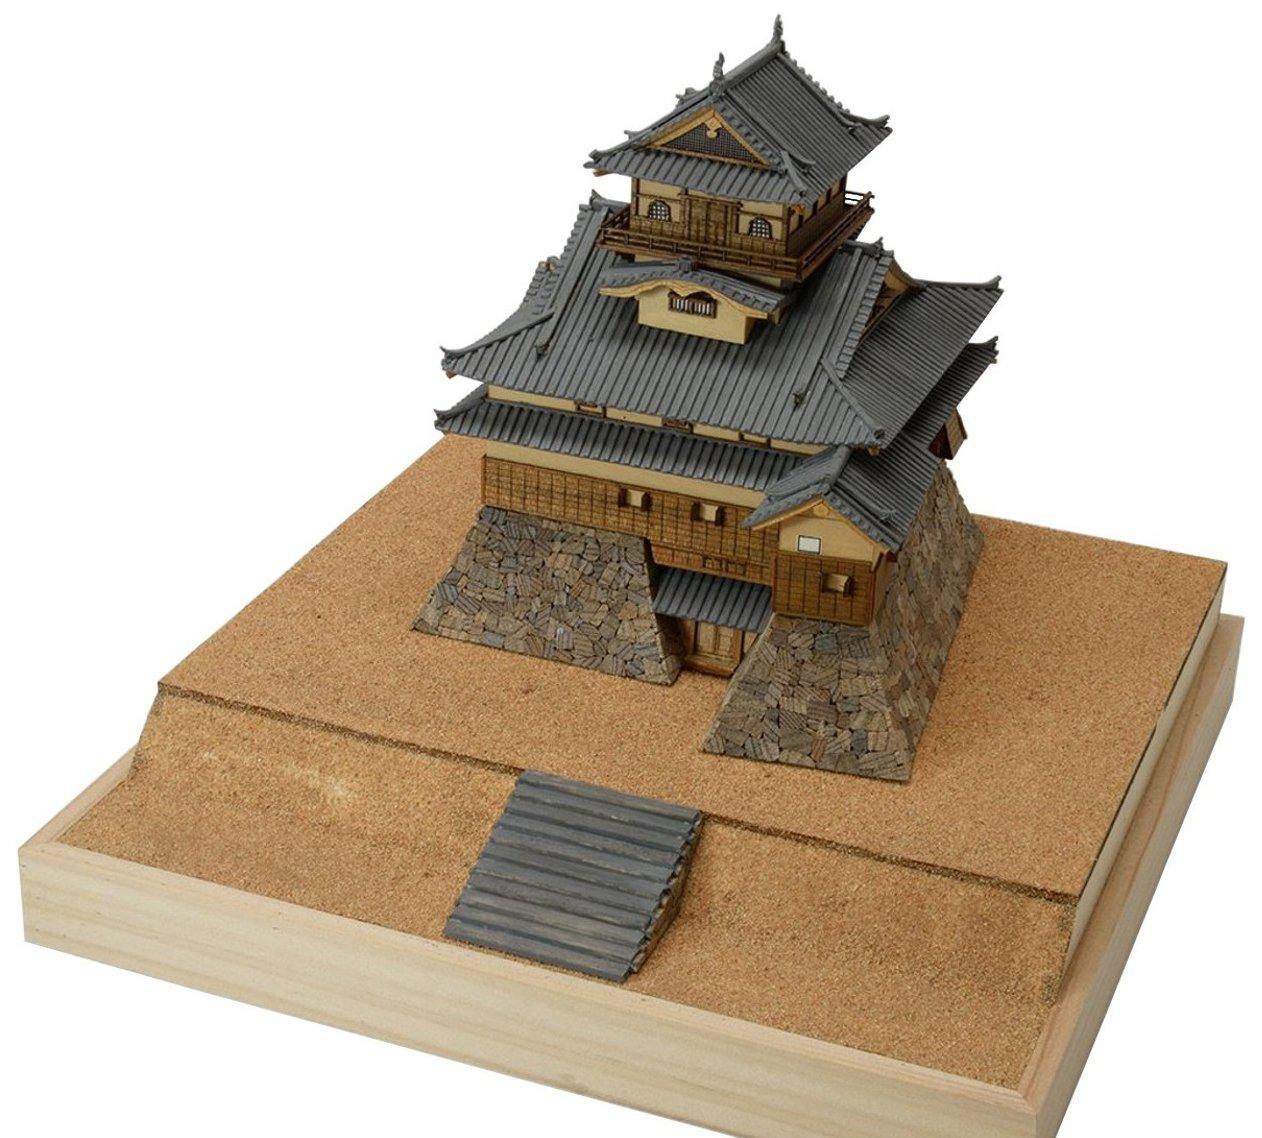 ウッディジョー 1/150 犬山城 木製模型 組み立てキット B079WS567H